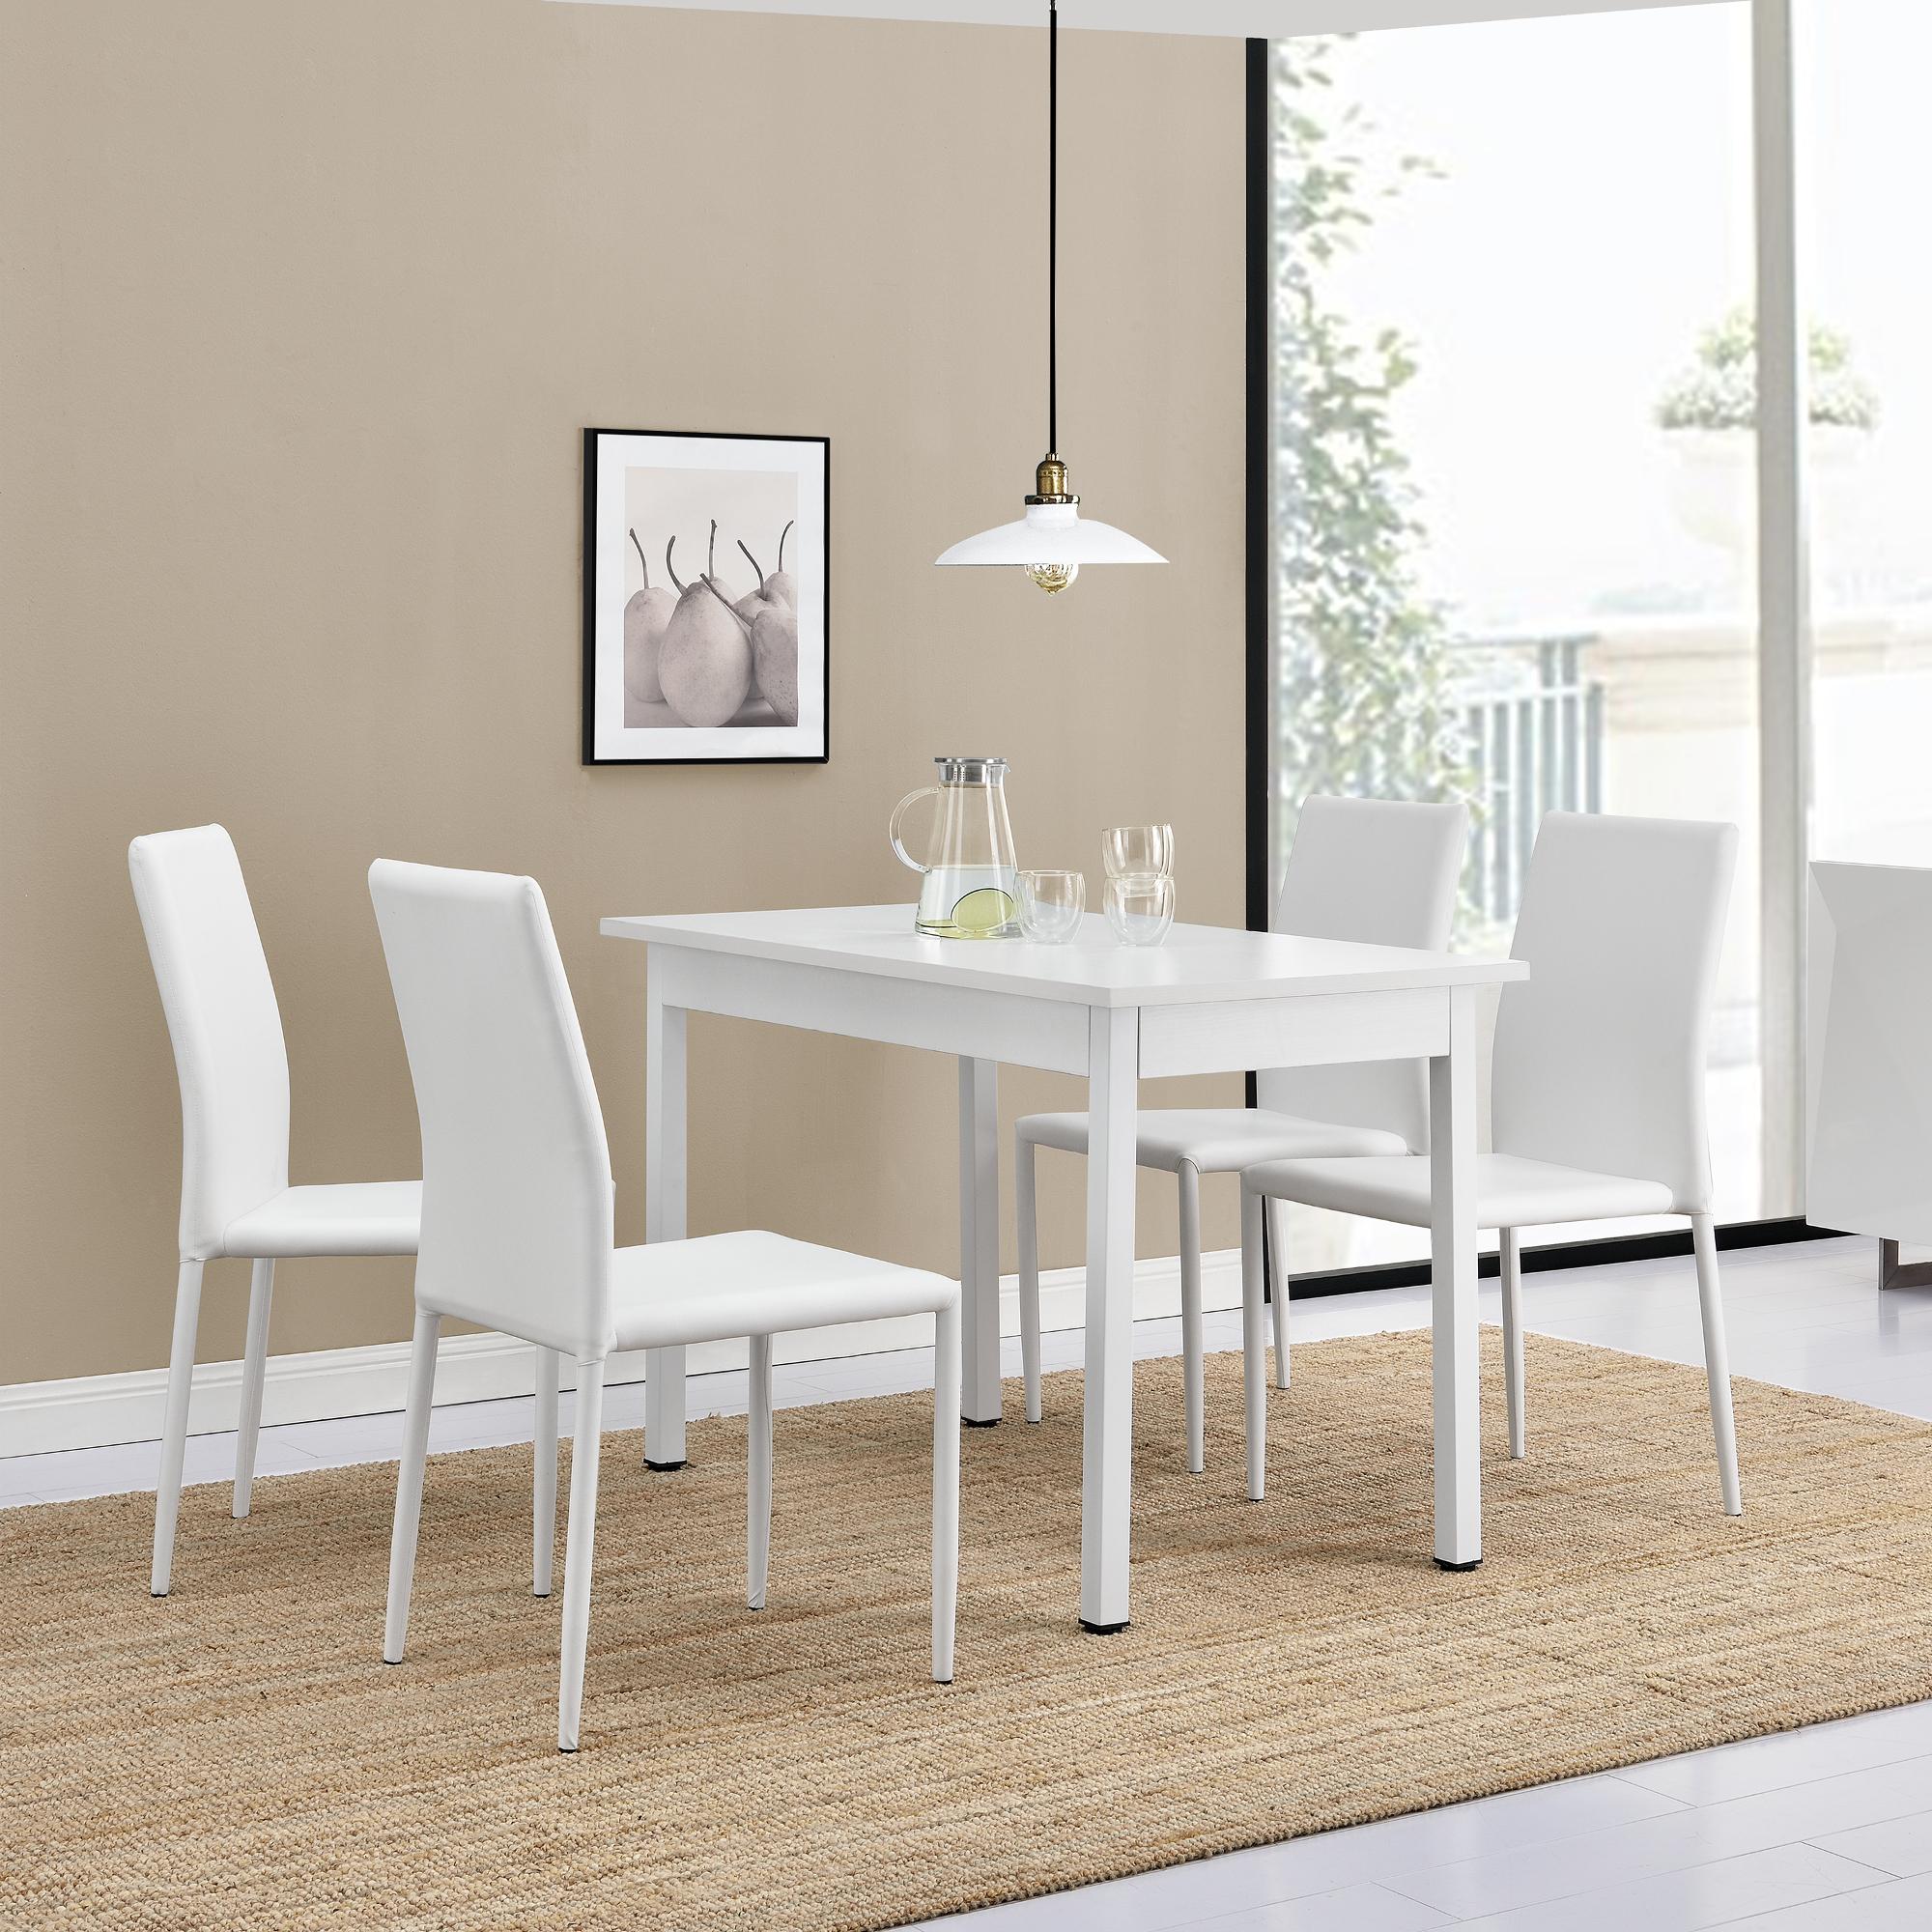 en.casa]® Tavolo da pranzo con 4 sedie bianco 120x60cm tavolo cucina ...